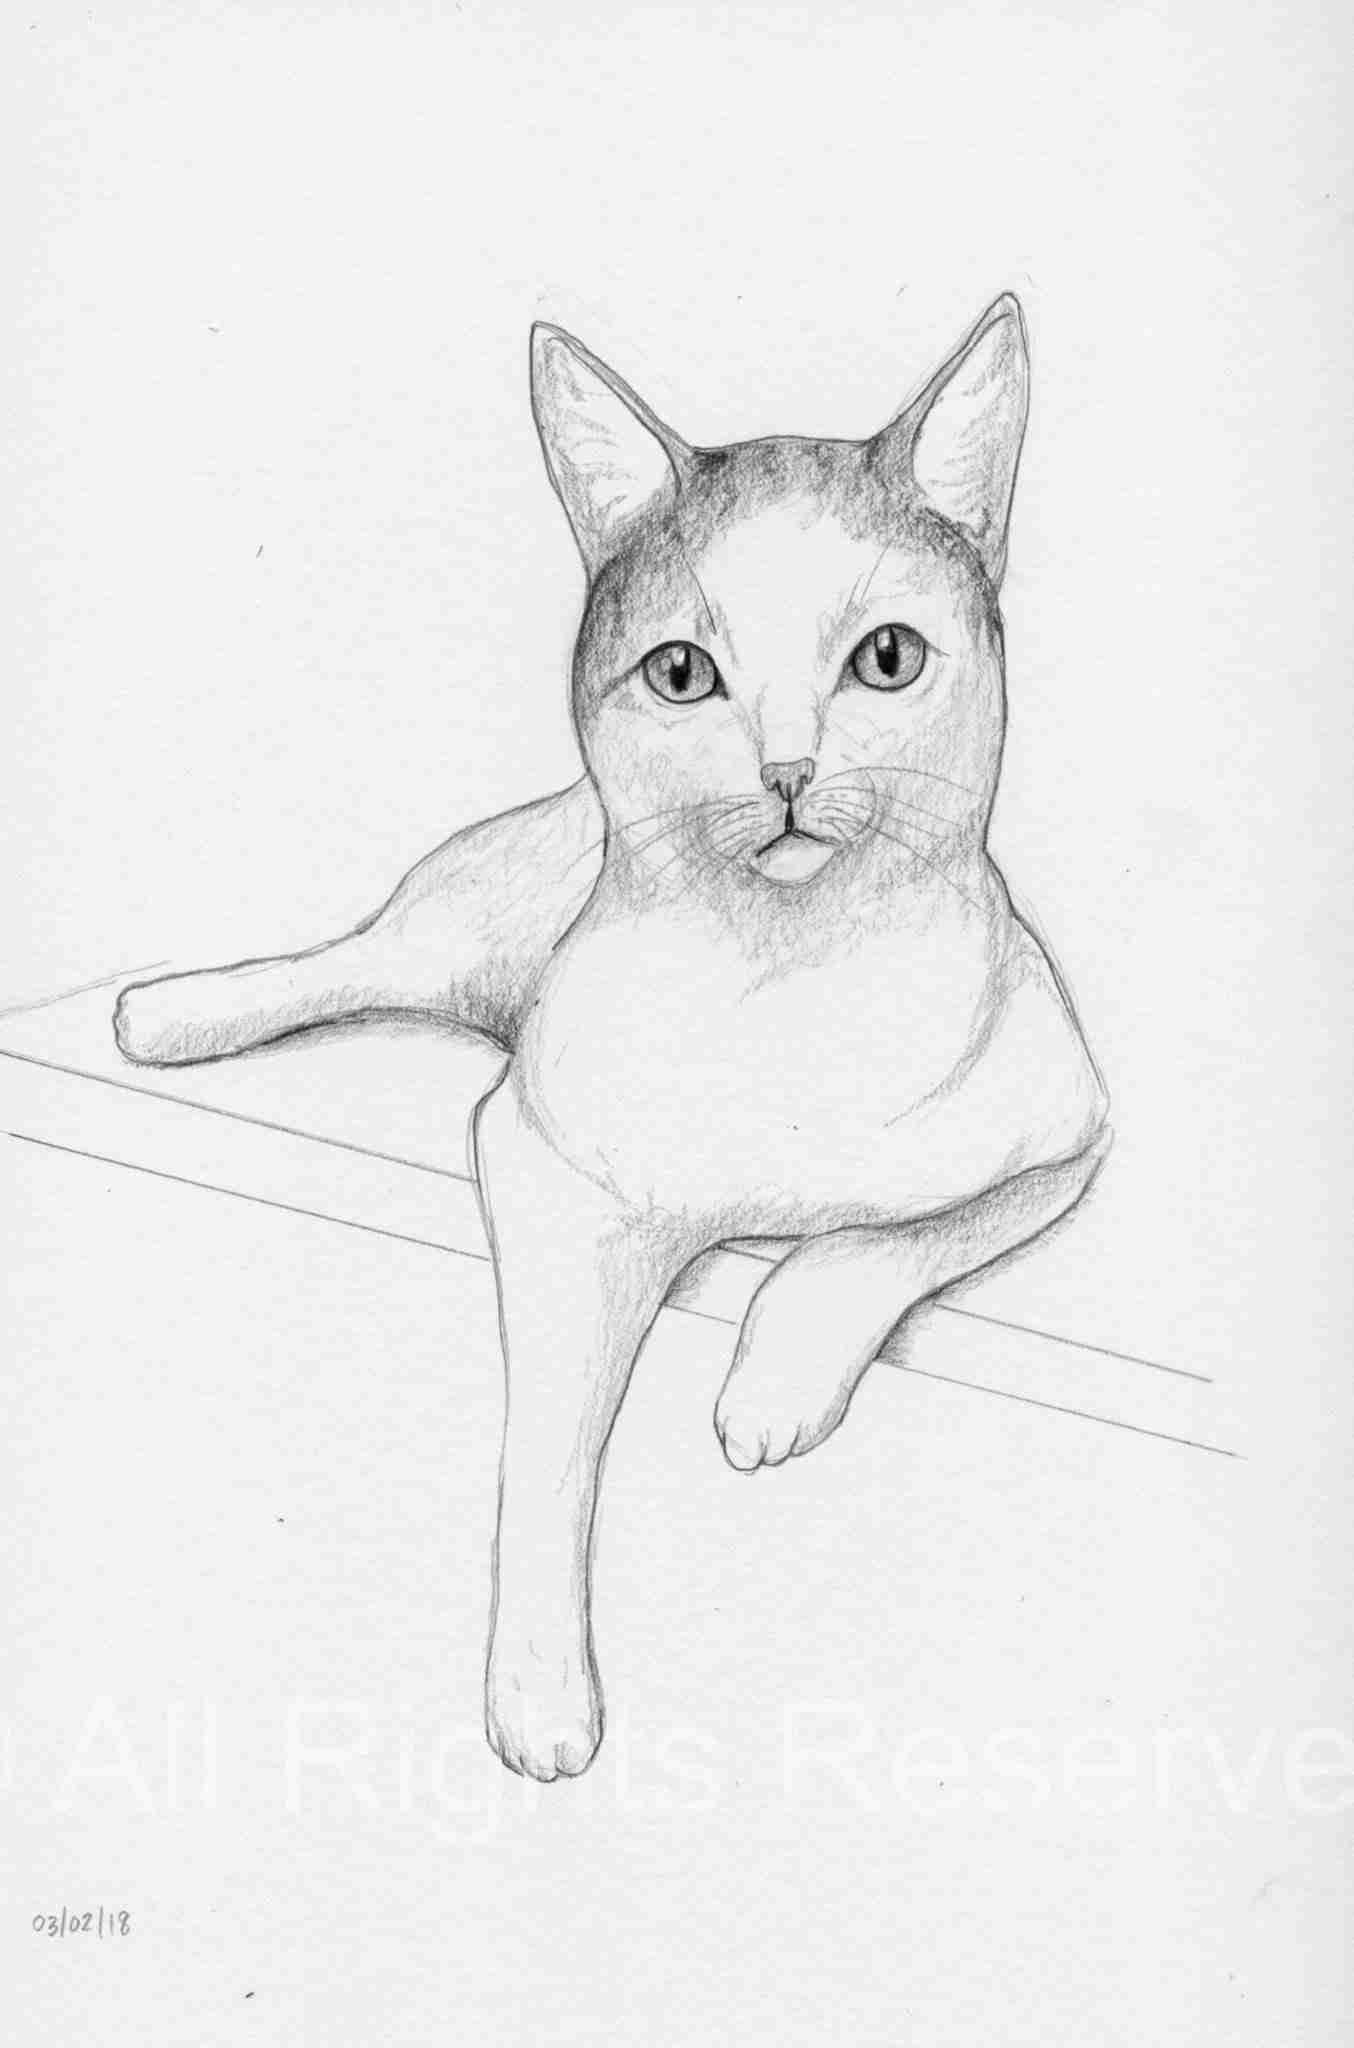 Cat Doodle 38 – Lilikoi